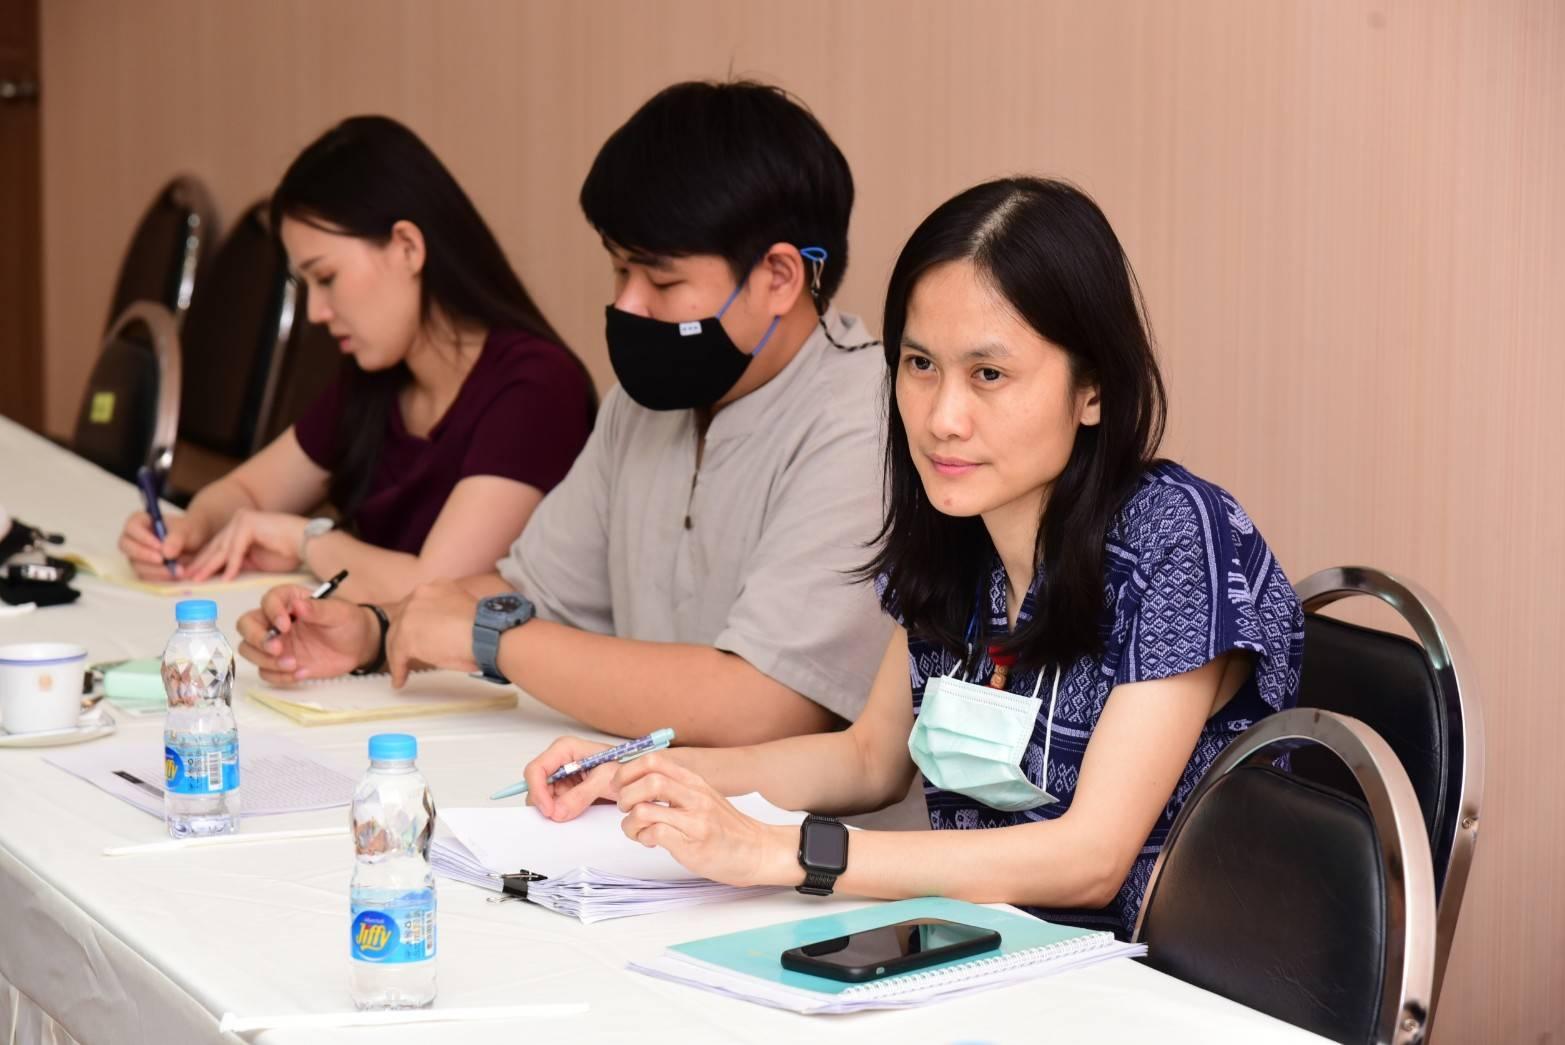 รองอธิบดีกรมการจัดหางาน  ประชุมติดตามการดำเนินงานโครงการส่งเสริมการจ้างงานใหม่สำหรับผู้จบการศึกษาใหม่โดยภาครัฐและภาคเอกชน (Co-Payment)